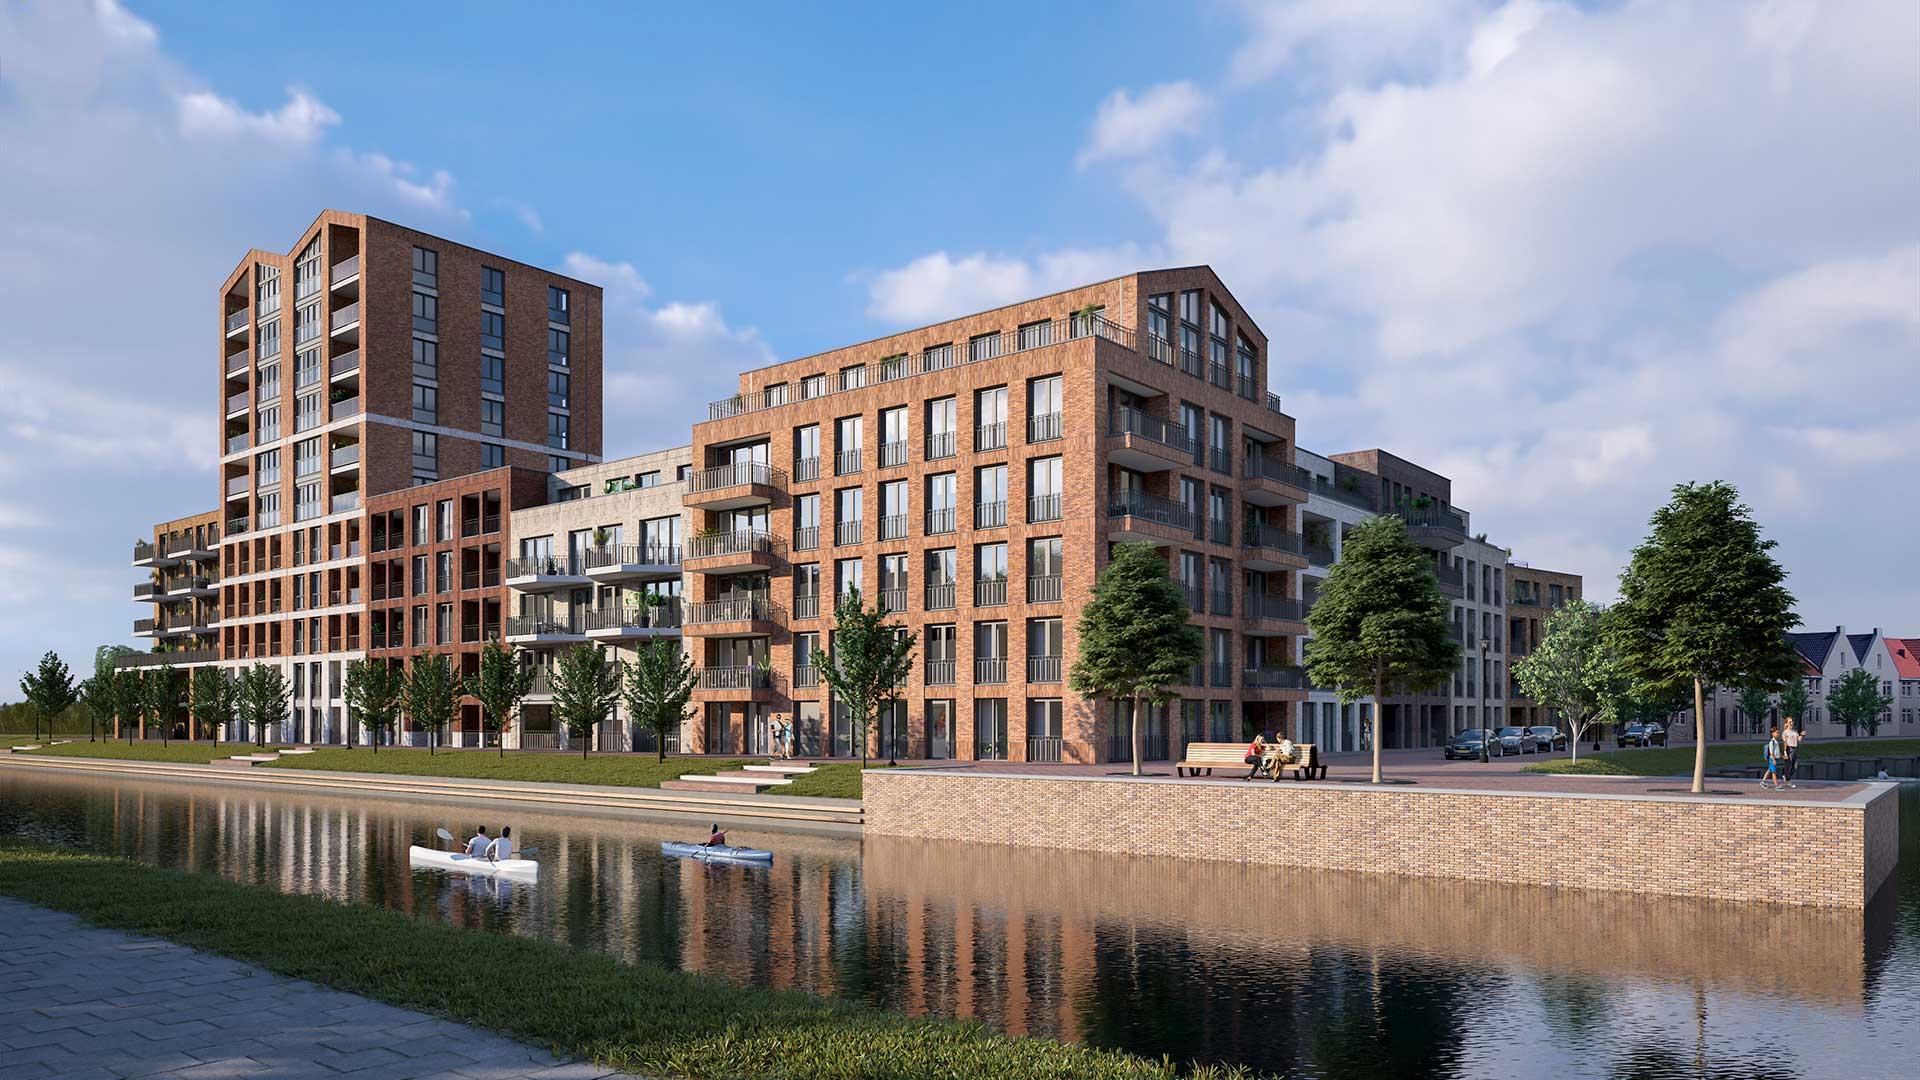 Nieuwbouw Waterfront - Kop vd Bakens